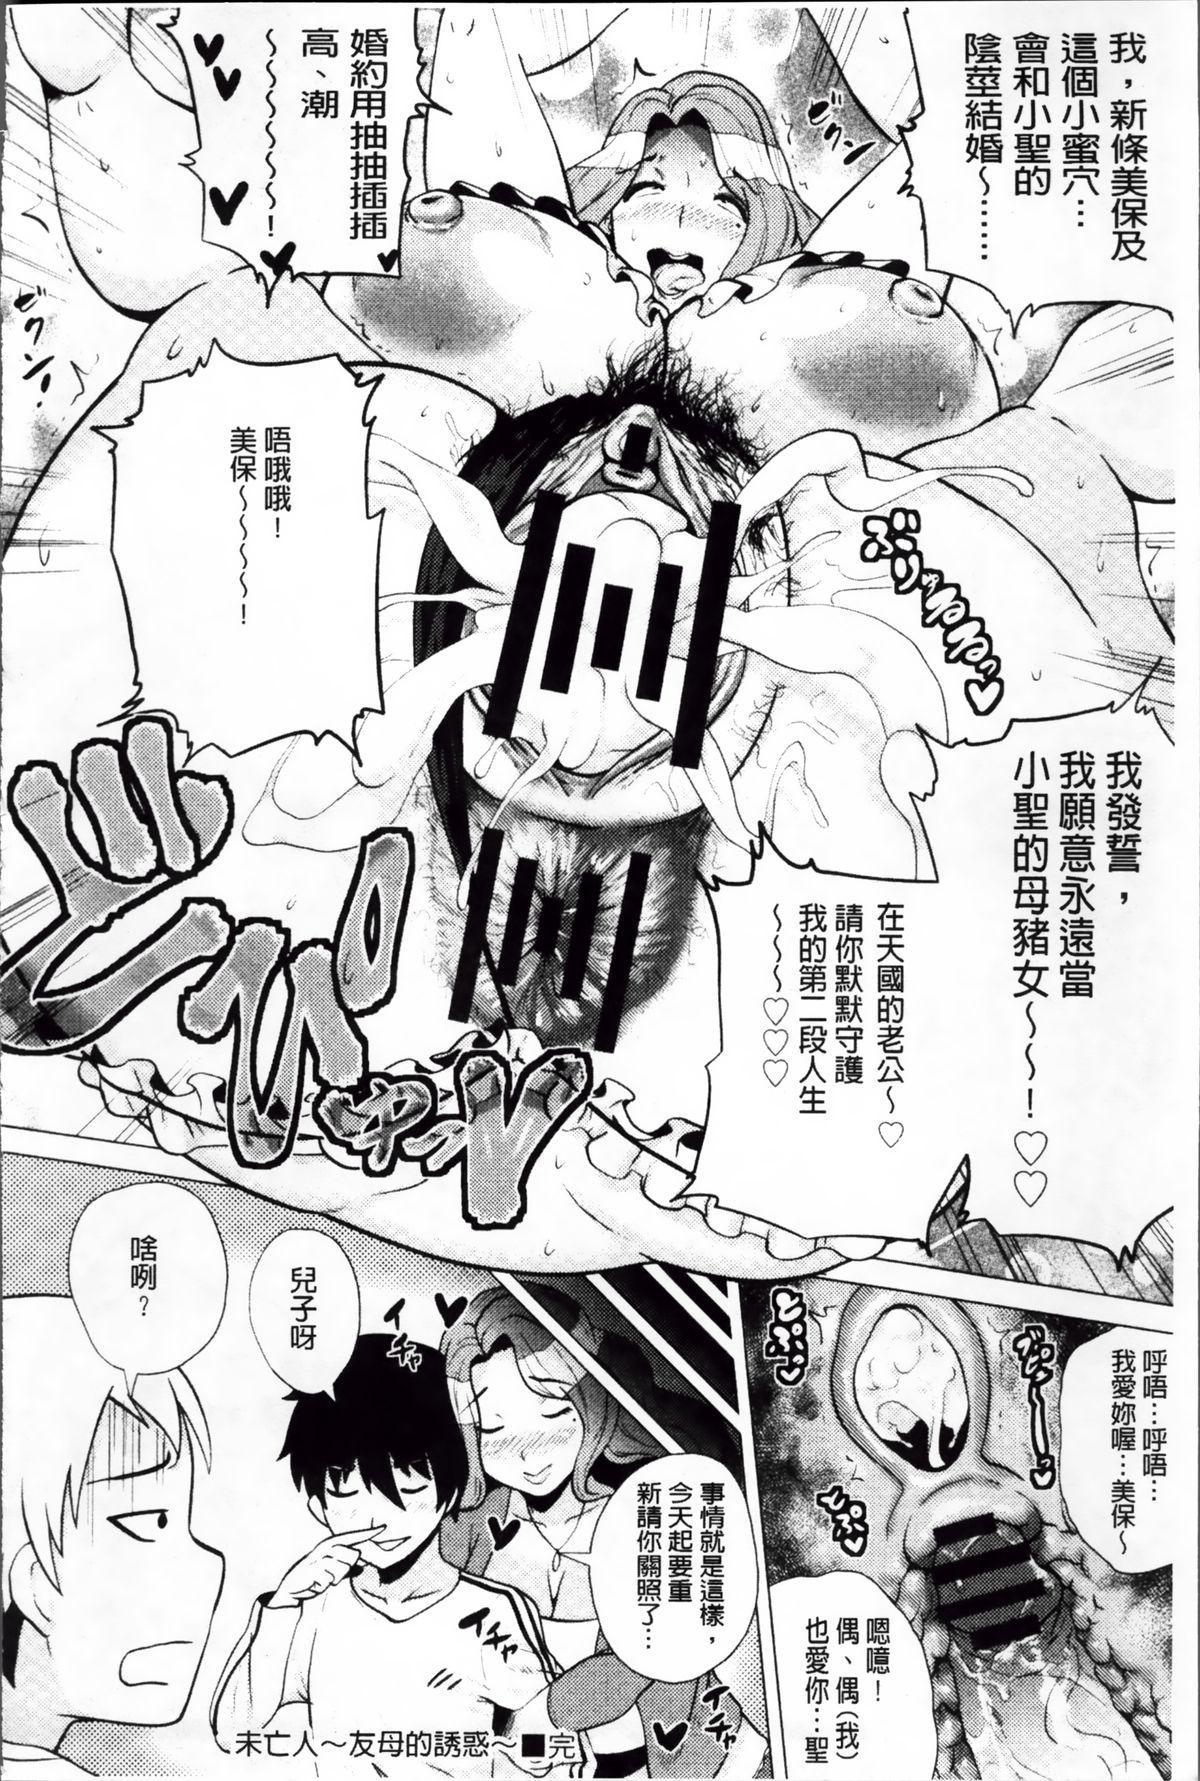 Megabody Night - Watashi no Oniku o Meshiagare 93